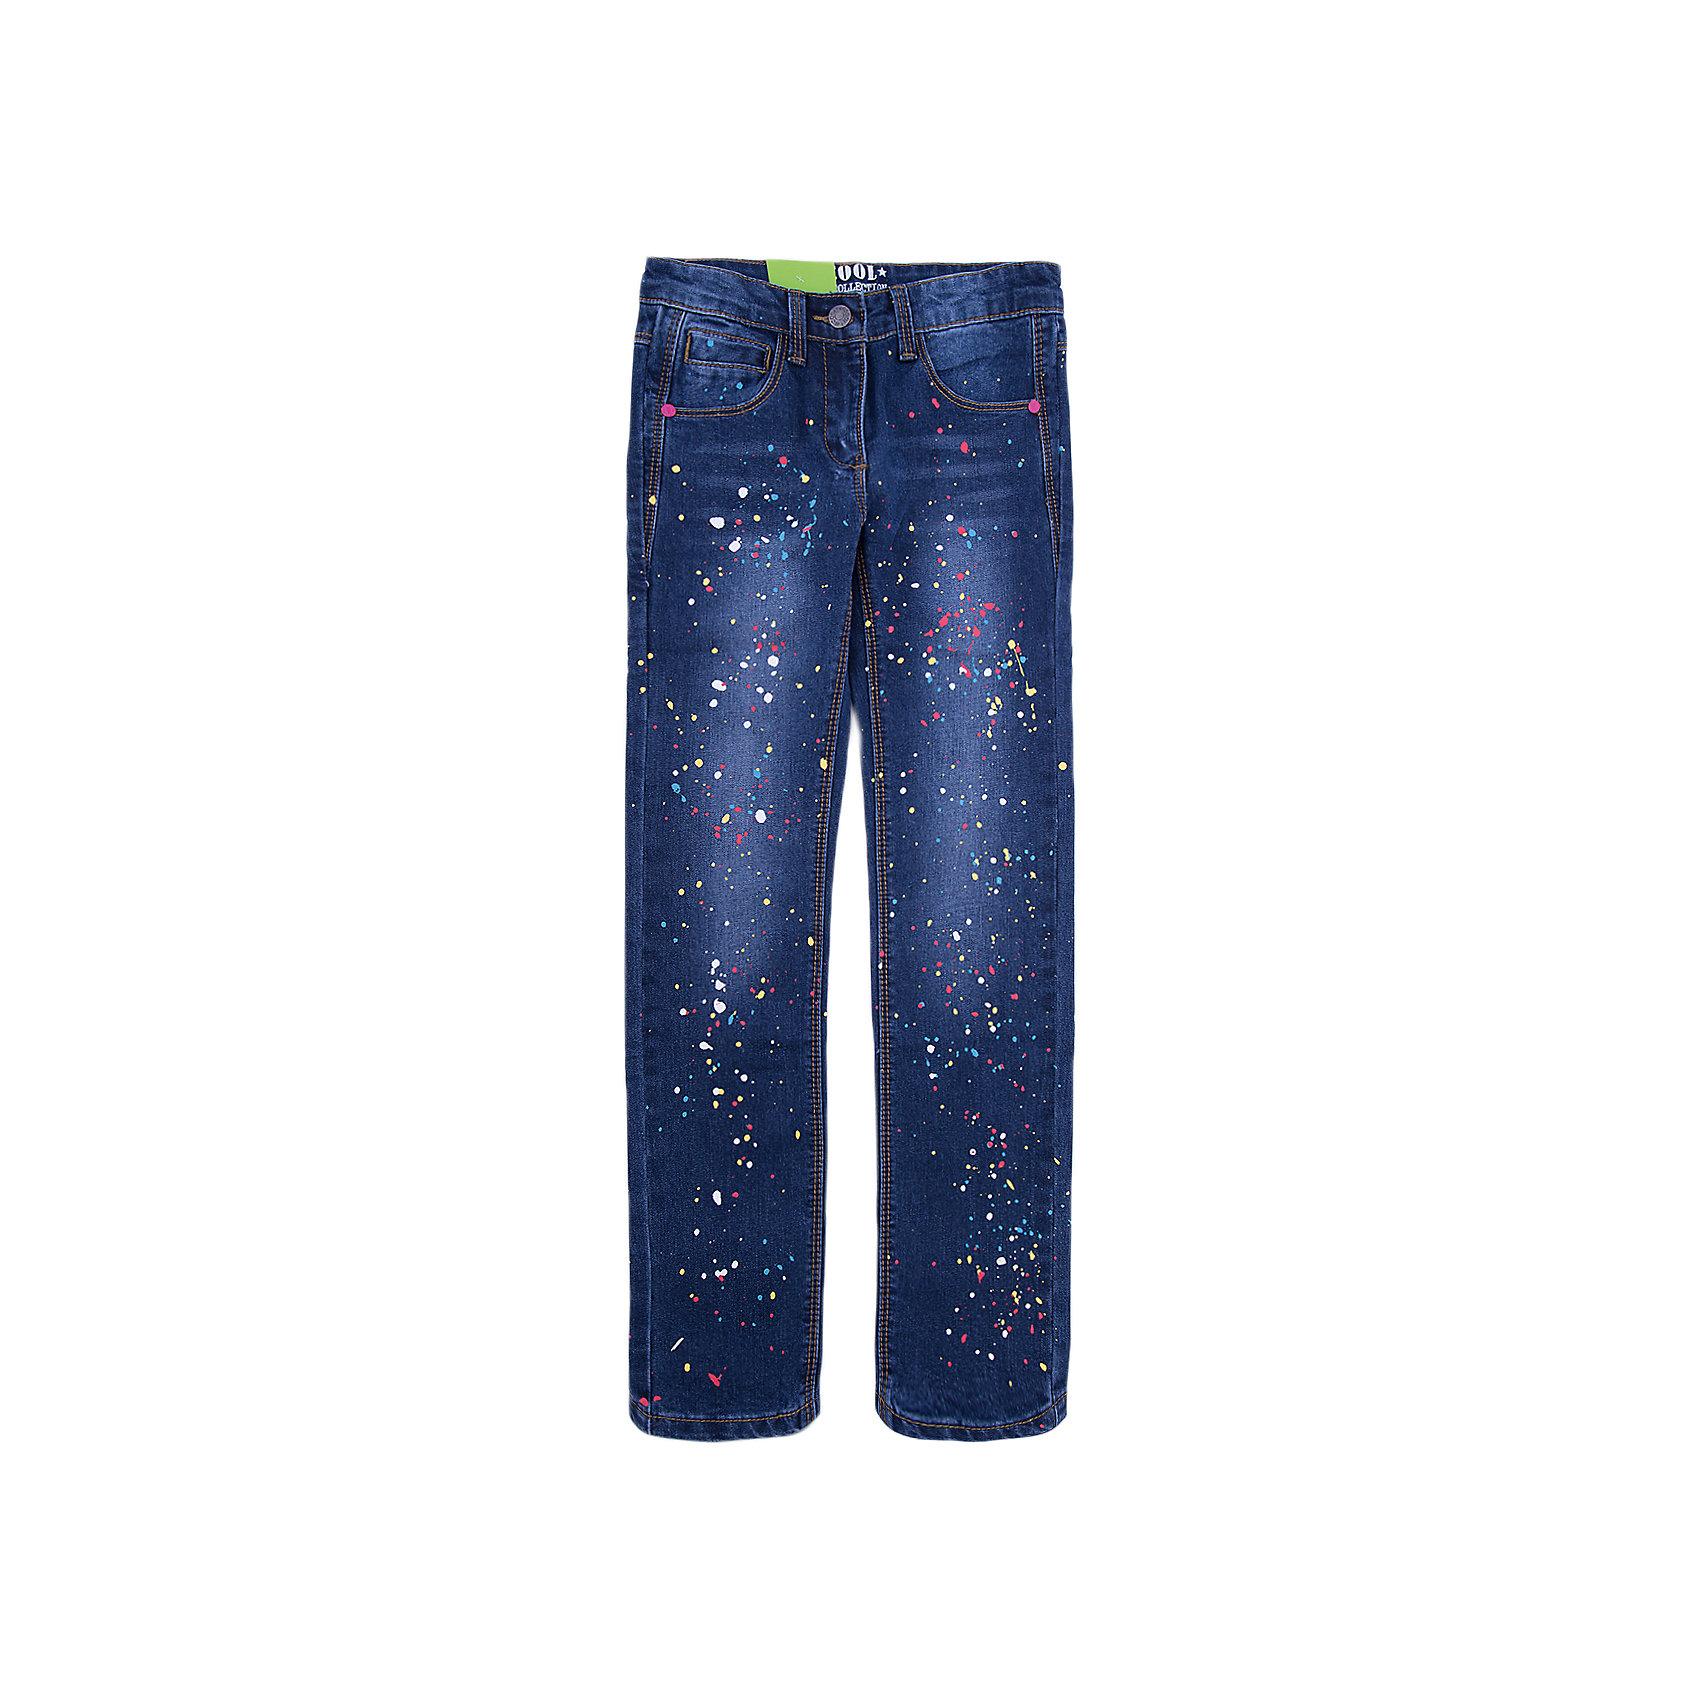 Джинсы Scool для девочкиДжинсы<br>Джинсы Scool для девочки<br>Брюки - джинсы из смесовой ткани с высоким содержанием хлопка. Классическая модель со шлевками. В качестве декора использован принт в виде разноцветных брызг красок.<br>Состав:<br>75% хлопок, 23% полиэстер, 2% эластан<br><br>Ширина мм: 215<br>Глубина мм: 88<br>Высота мм: 191<br>Вес г: 336<br>Цвет: синий<br>Возраст от месяцев: 108<br>Возраст до месяцев: 120<br>Пол: Женский<br>Возраст: Детский<br>Размер: 140,146,152,158,164,134<br>SKU: 7105324